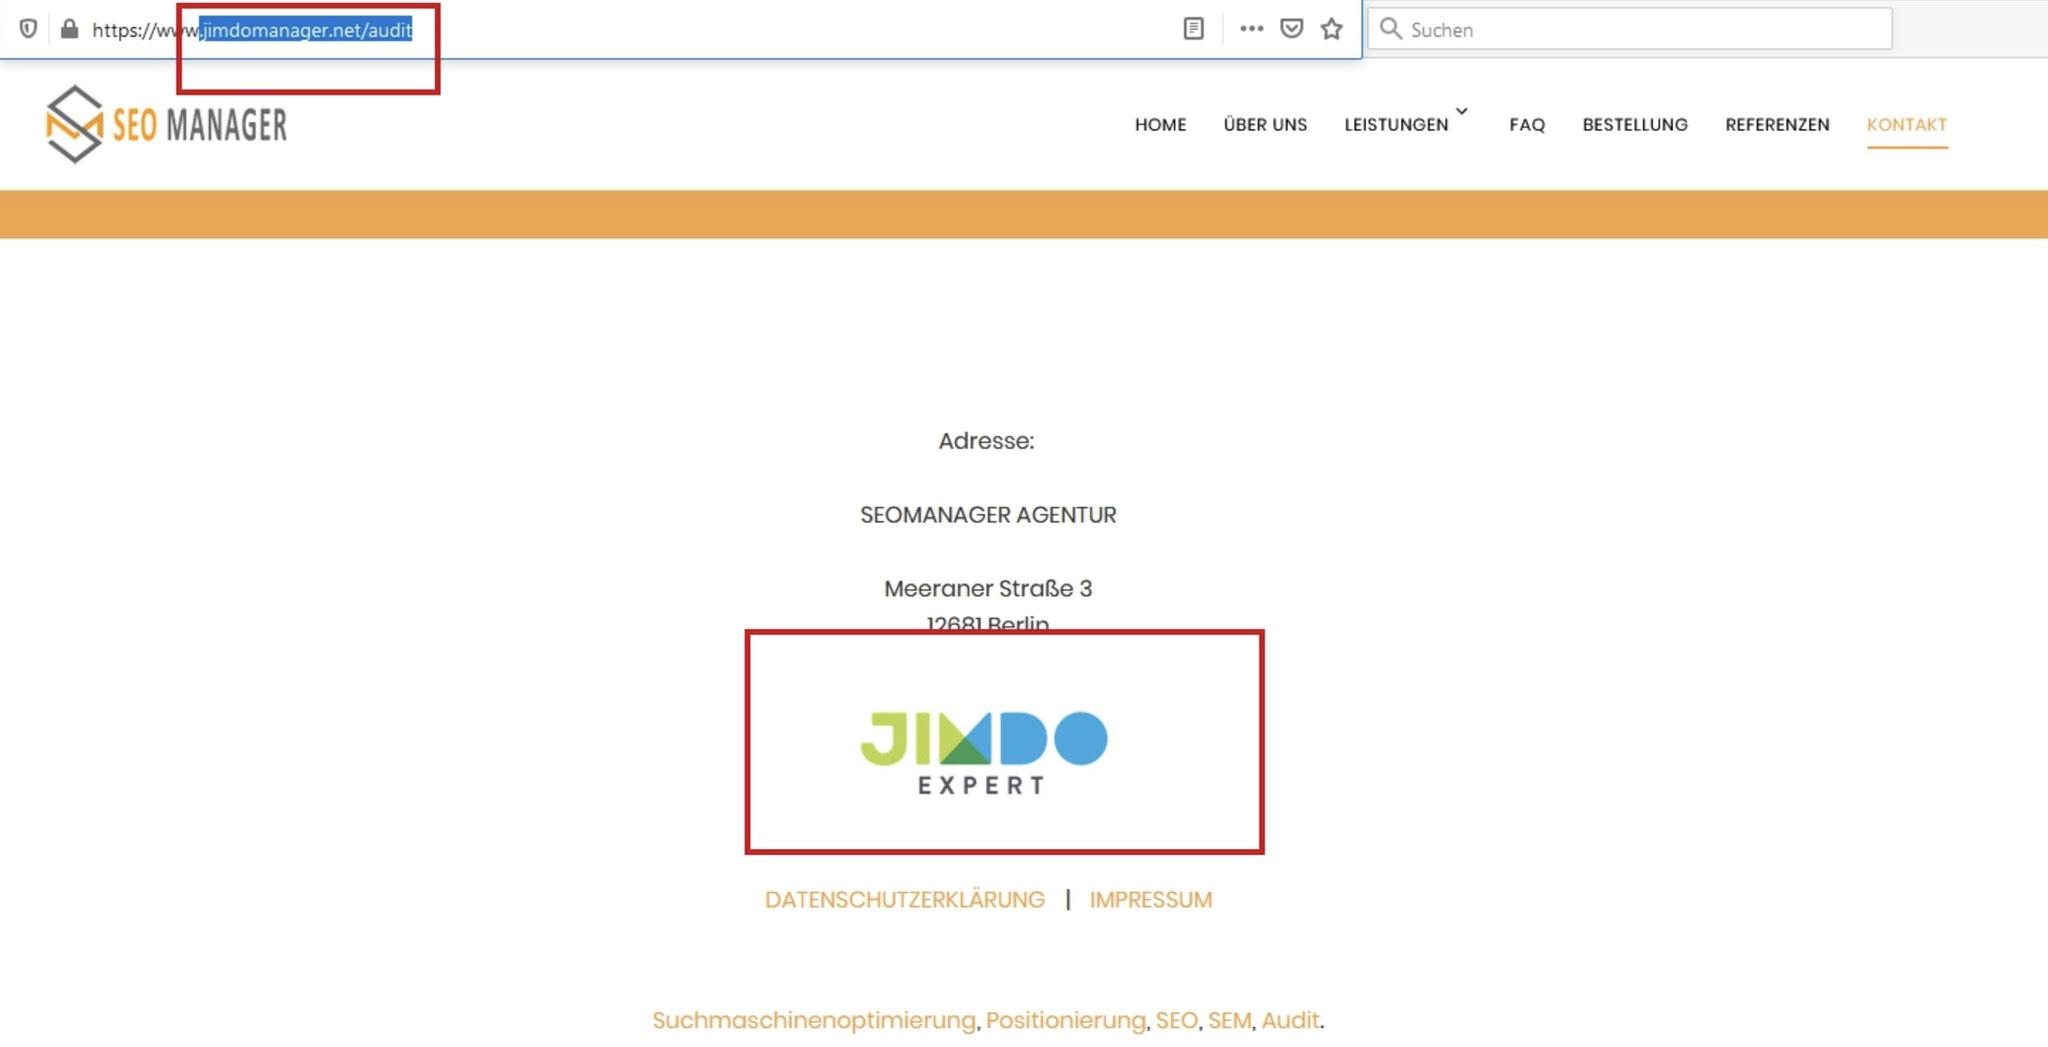 Erfahrungen mit jimdomanager.net - ein Spitzbube, Betrüger und Ganove der sich als Jimdo Expert ausgibt